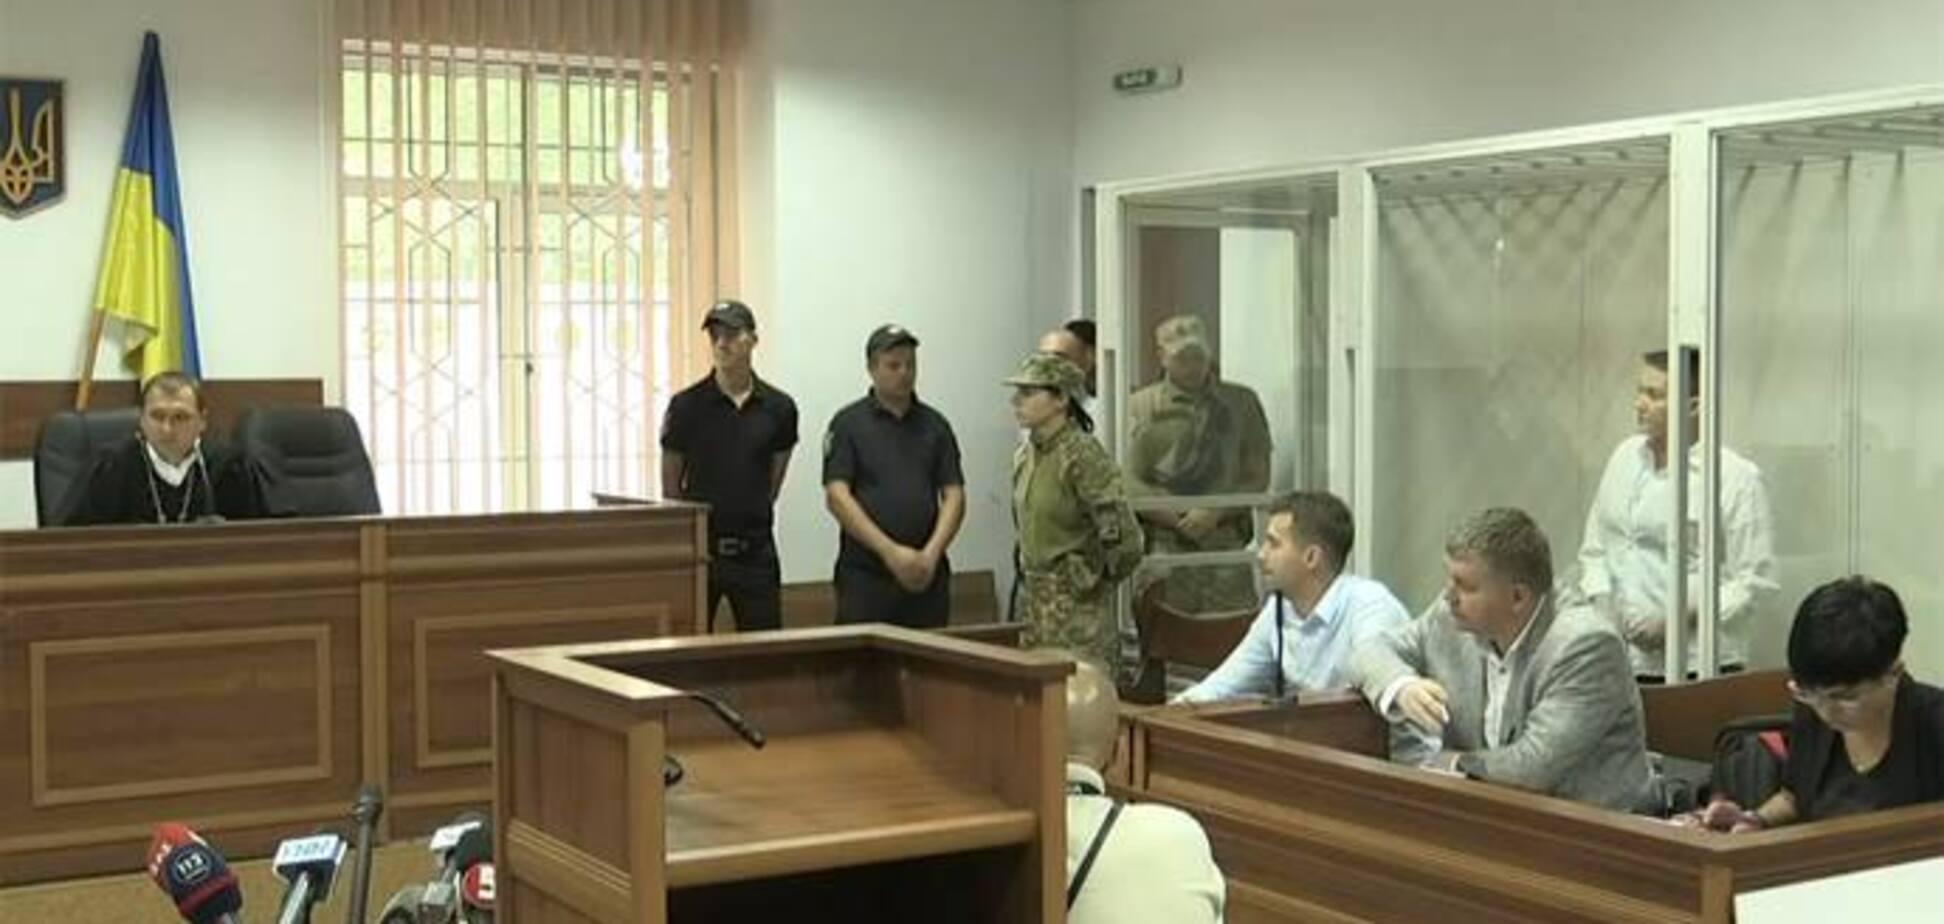 Домашній арешт для Савченко: суд ухвалив рішення